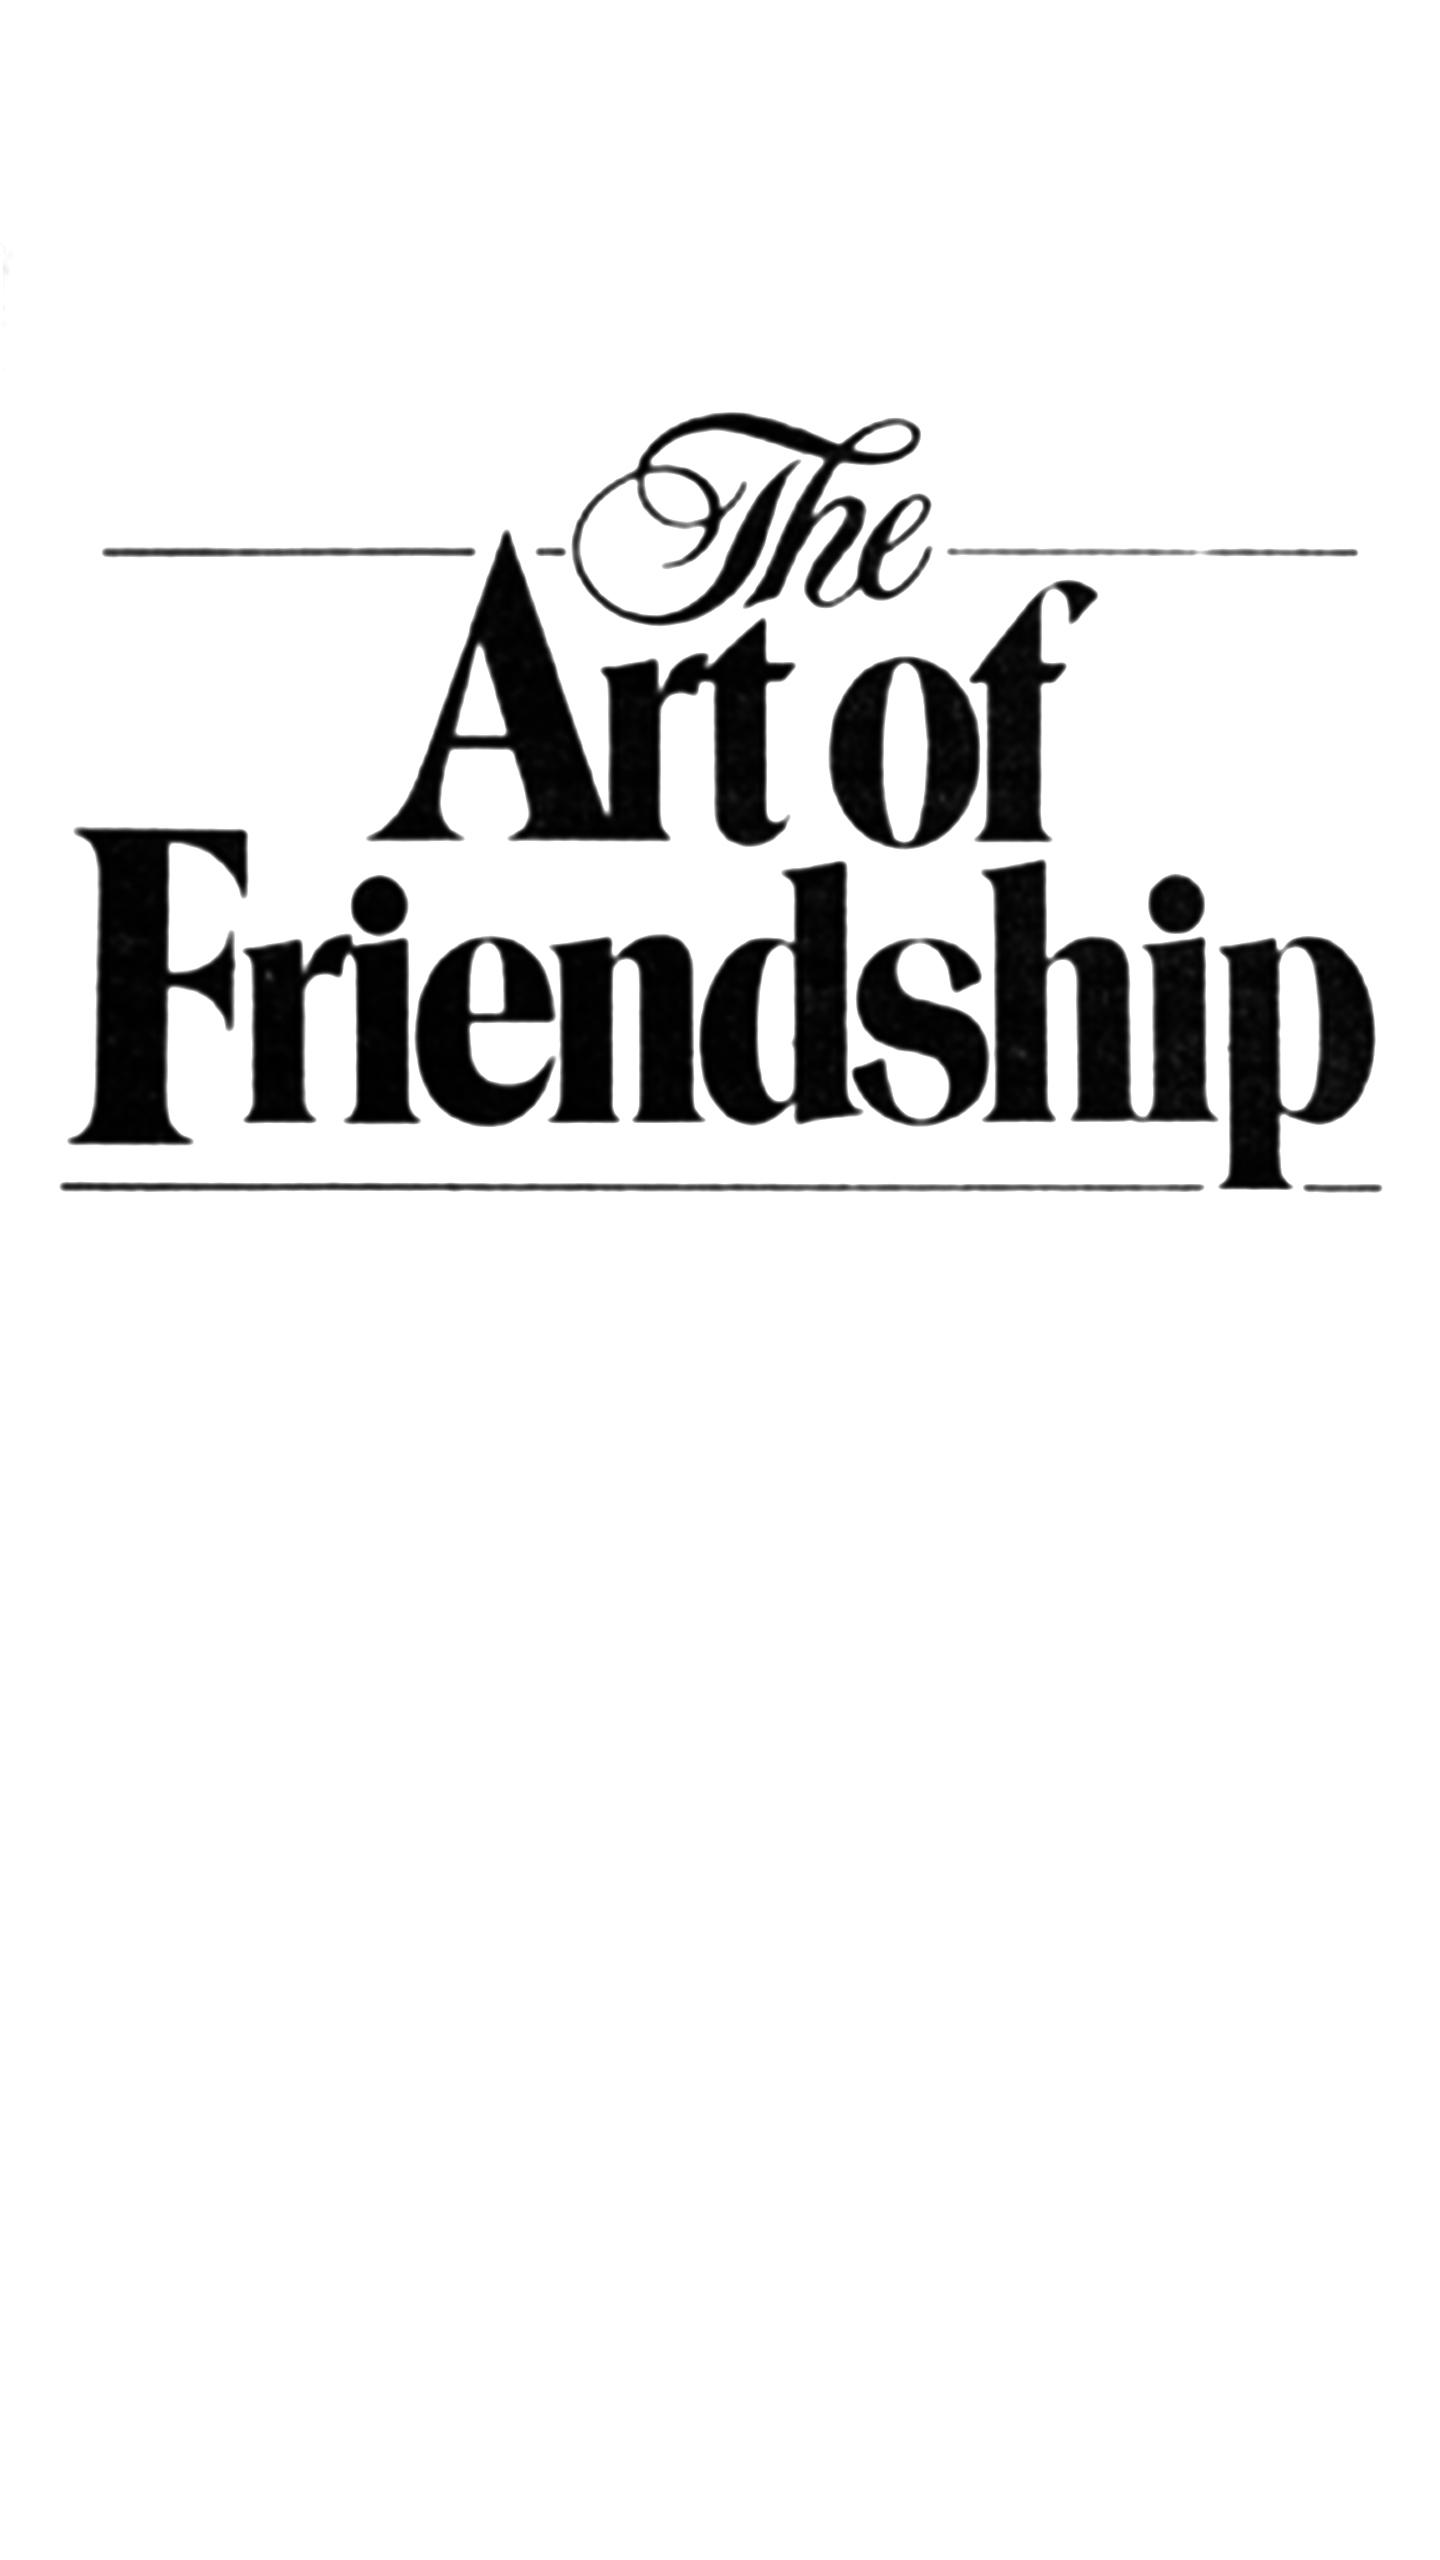 artoffriendship.jpg